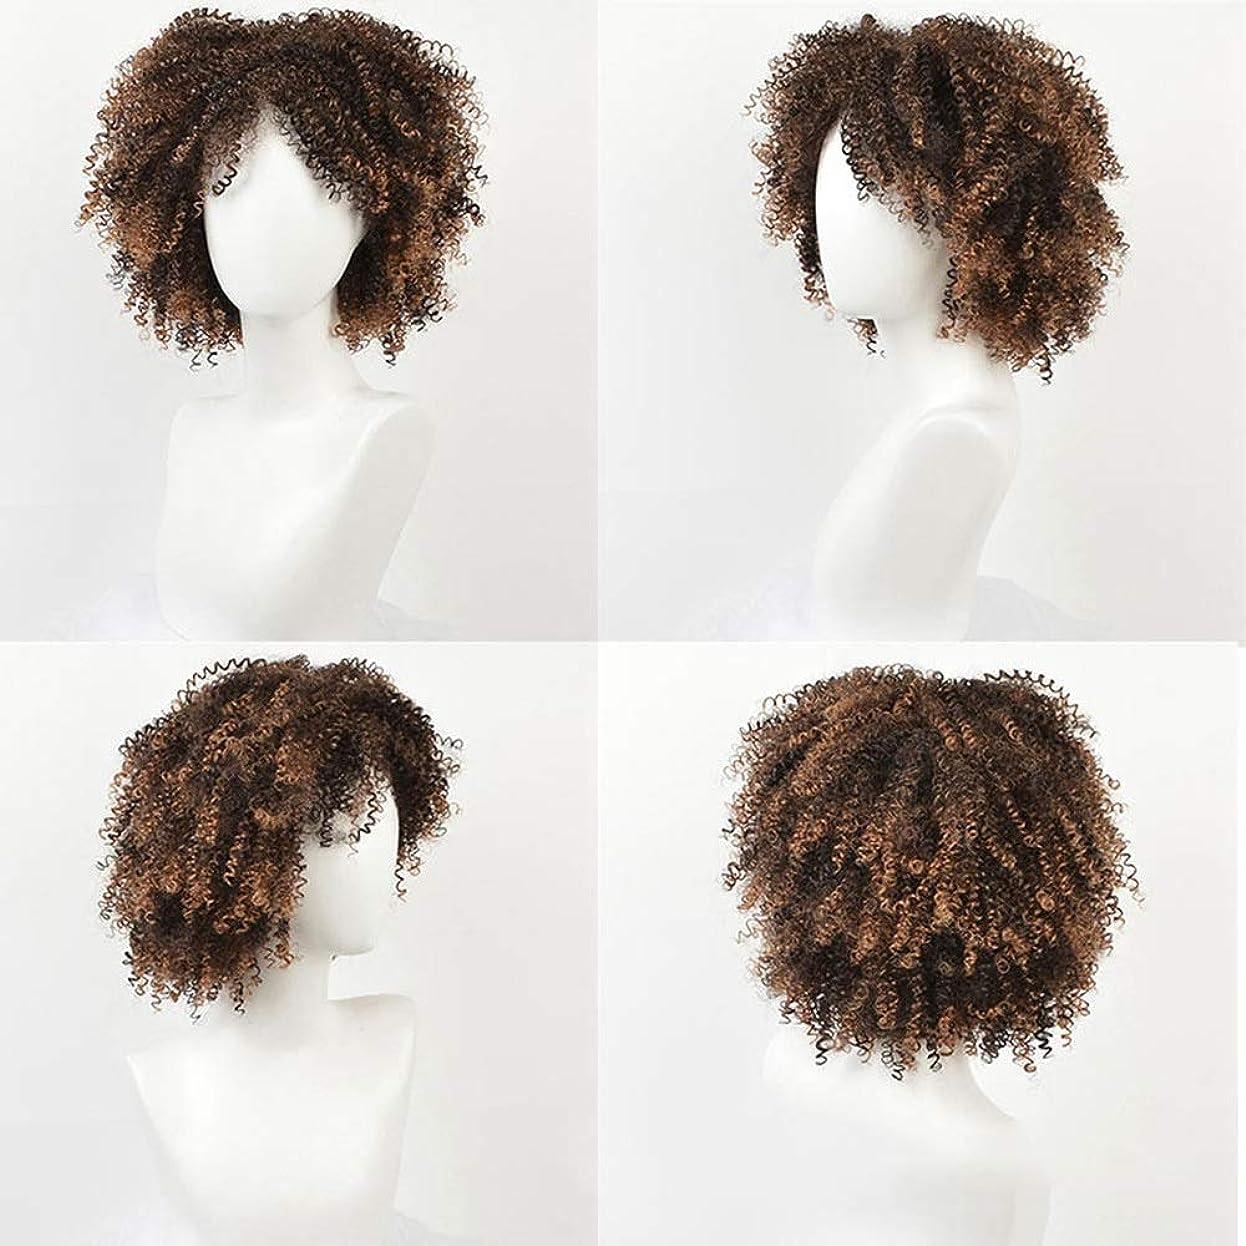 アルカトラズ島月曜ブラインドBOBIDYEE 変態巻き毛のかつらアフリカの黒人女性の爆発ヘッド14インチ小さな巻き毛の化学繊維かつらパーティーかつら (色 : C-2)